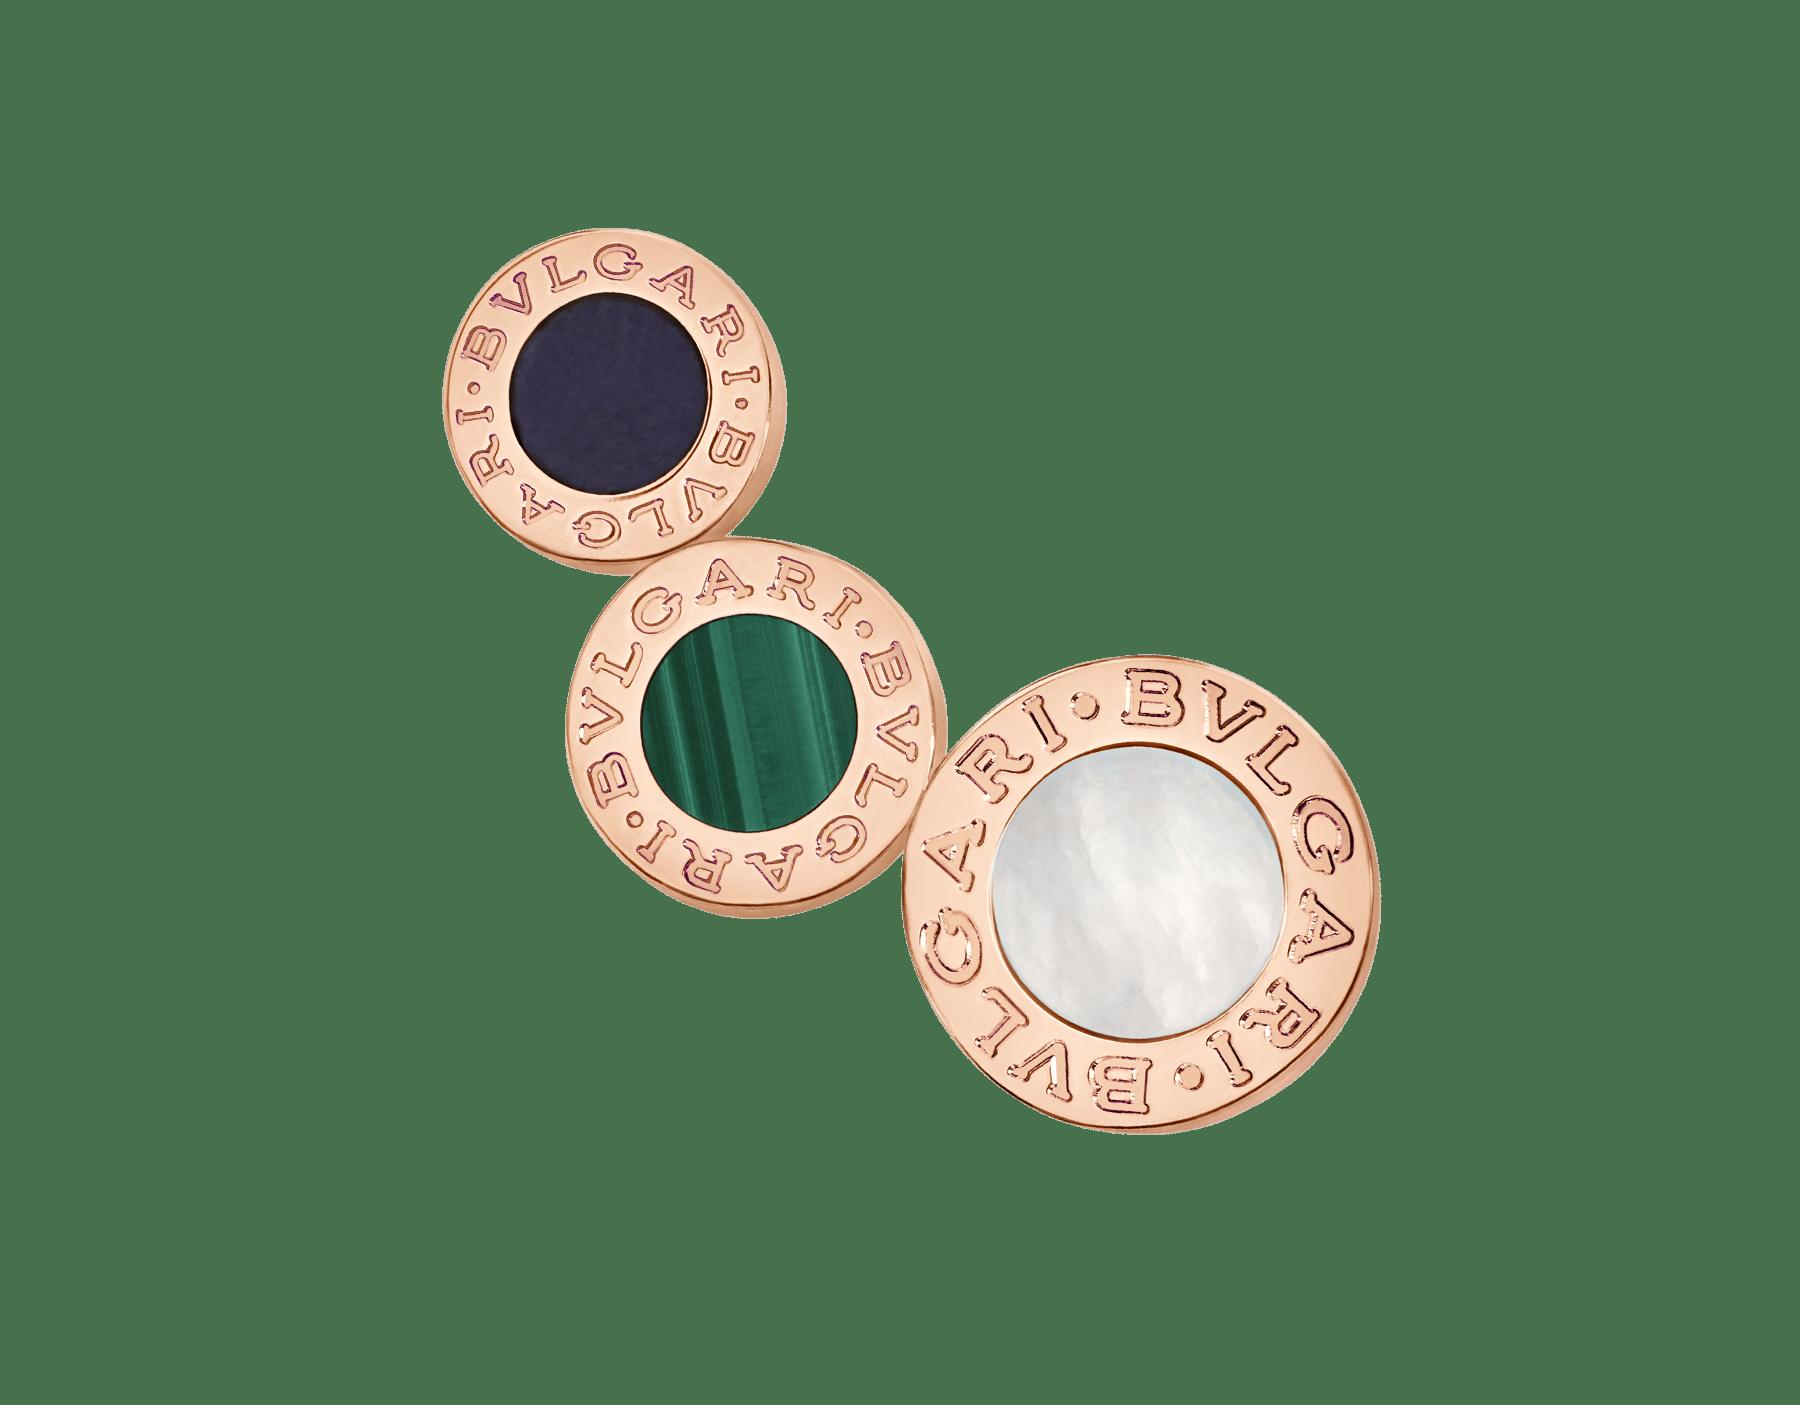 Boucle d'oreille unitaire BVLGARI BVLGARI en or rose 18K sertie d'éléments en sugilite, malachite et nacre 356431 image 1